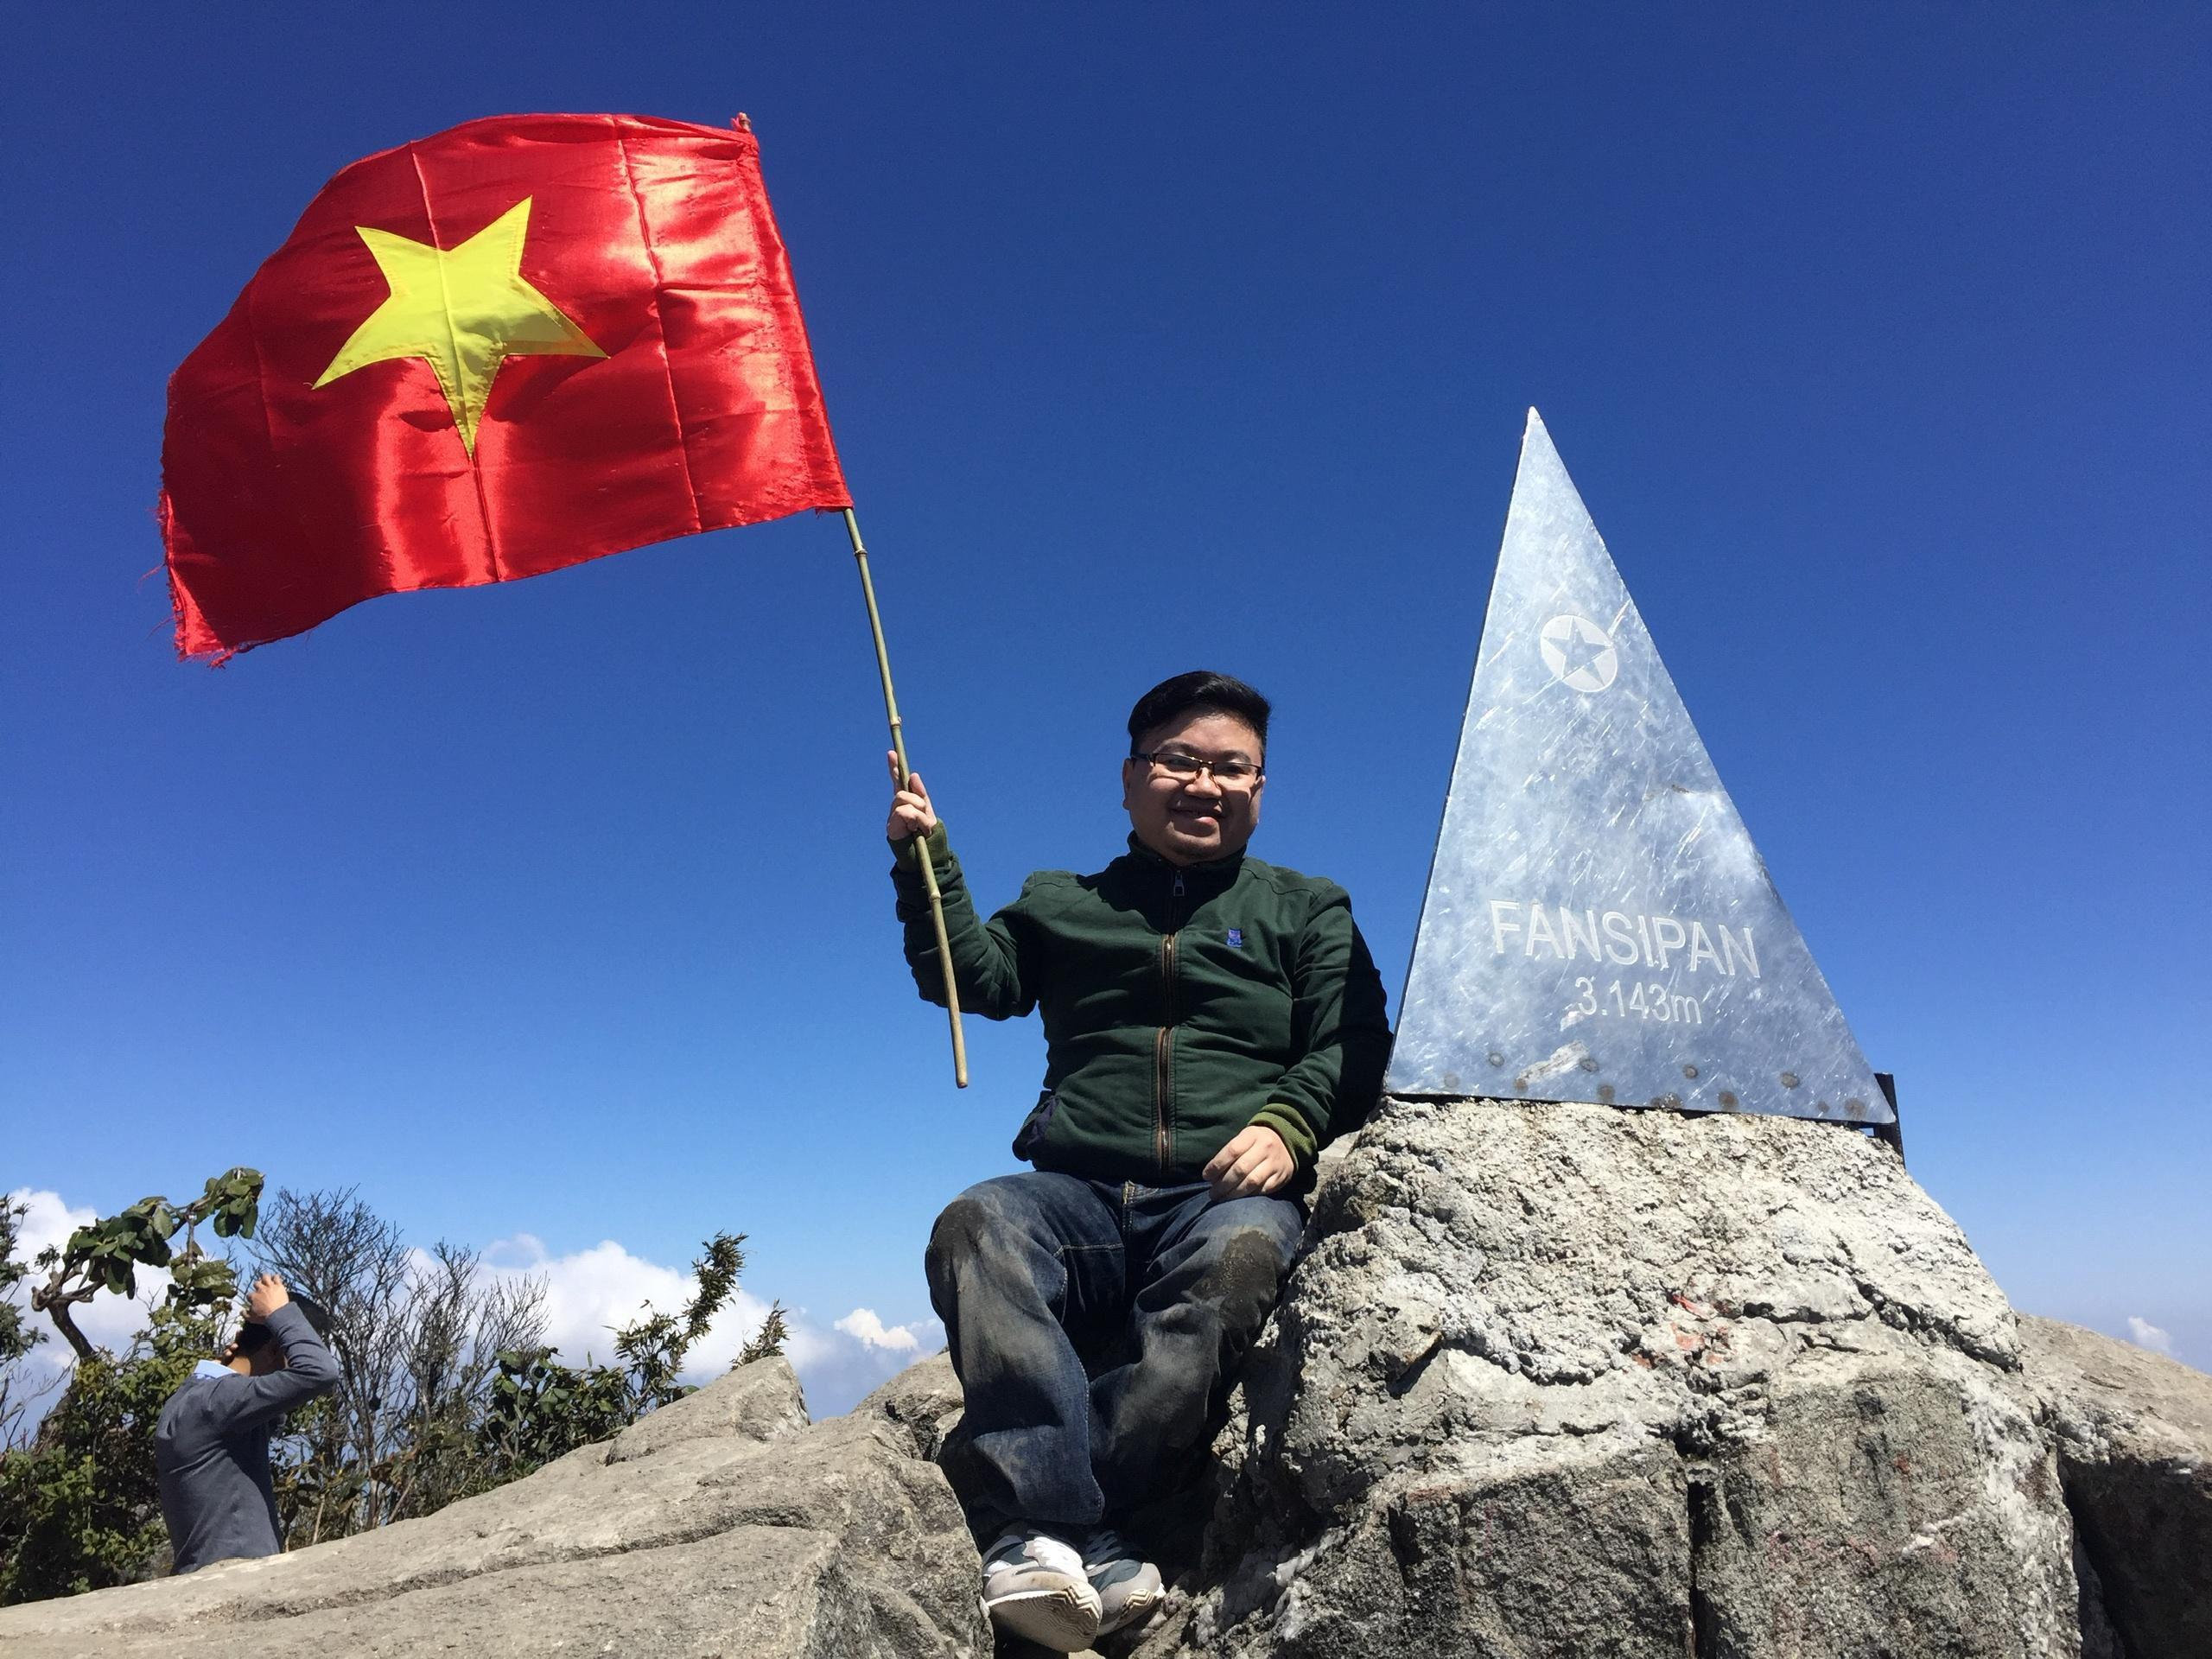 Chàng trai xương dễ vỡ mơ 'quẩy' nhạc khắp Việt Nam Ảnh 1